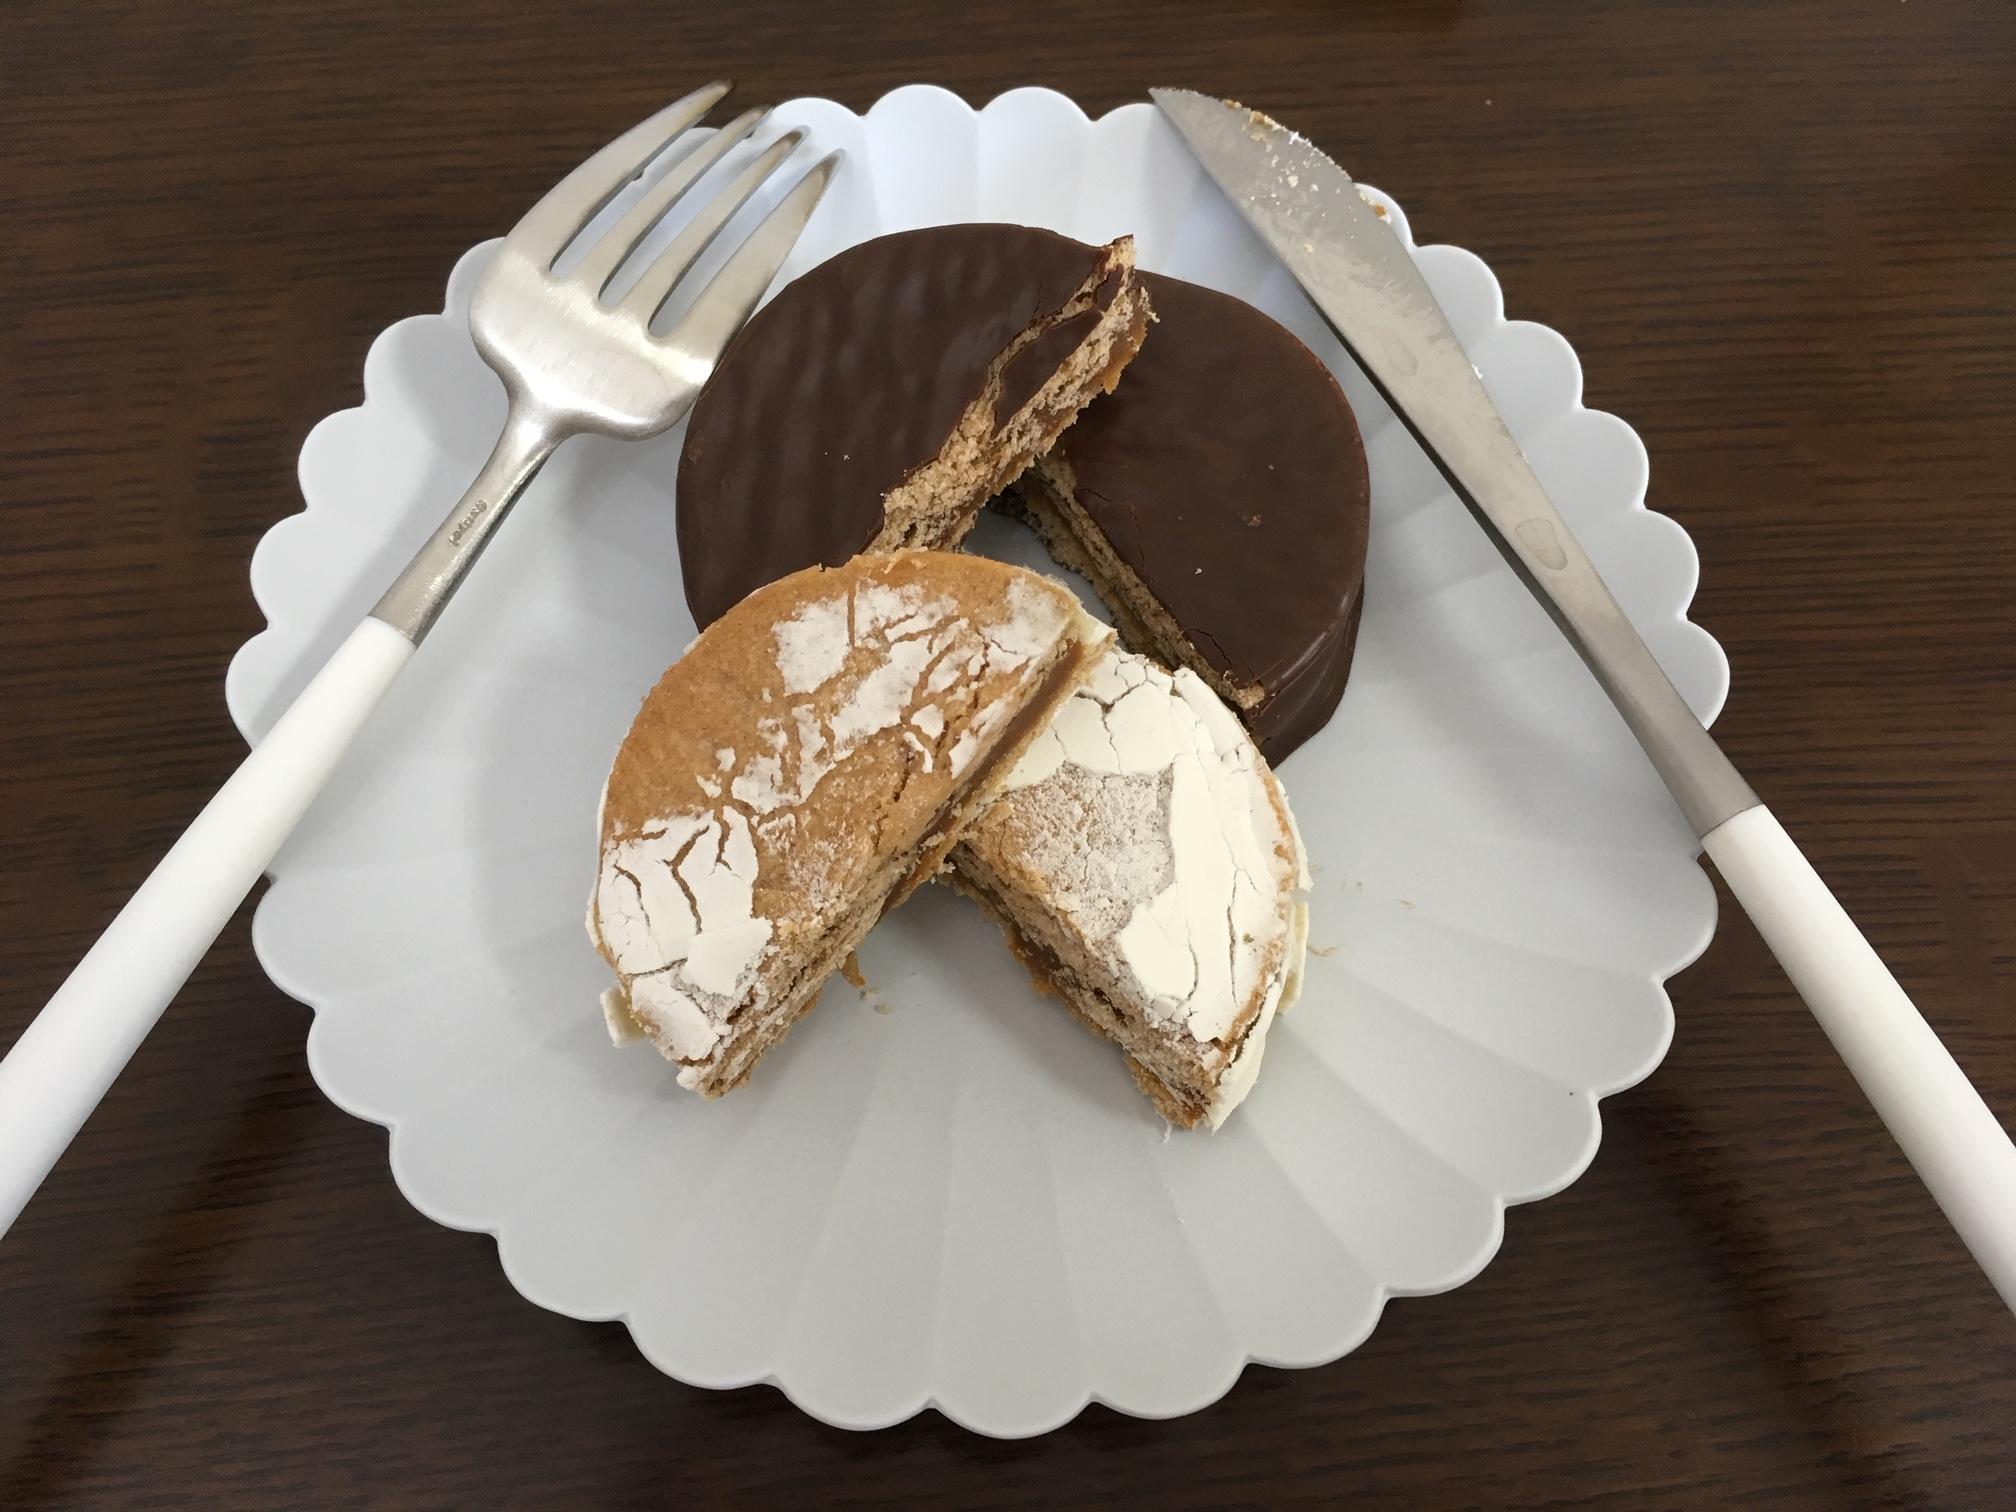 アルゼンチン人が大好きで有名なお菓子「アルファホーレス」 アルゼンチン旅行の際はお土産是非オススメ!